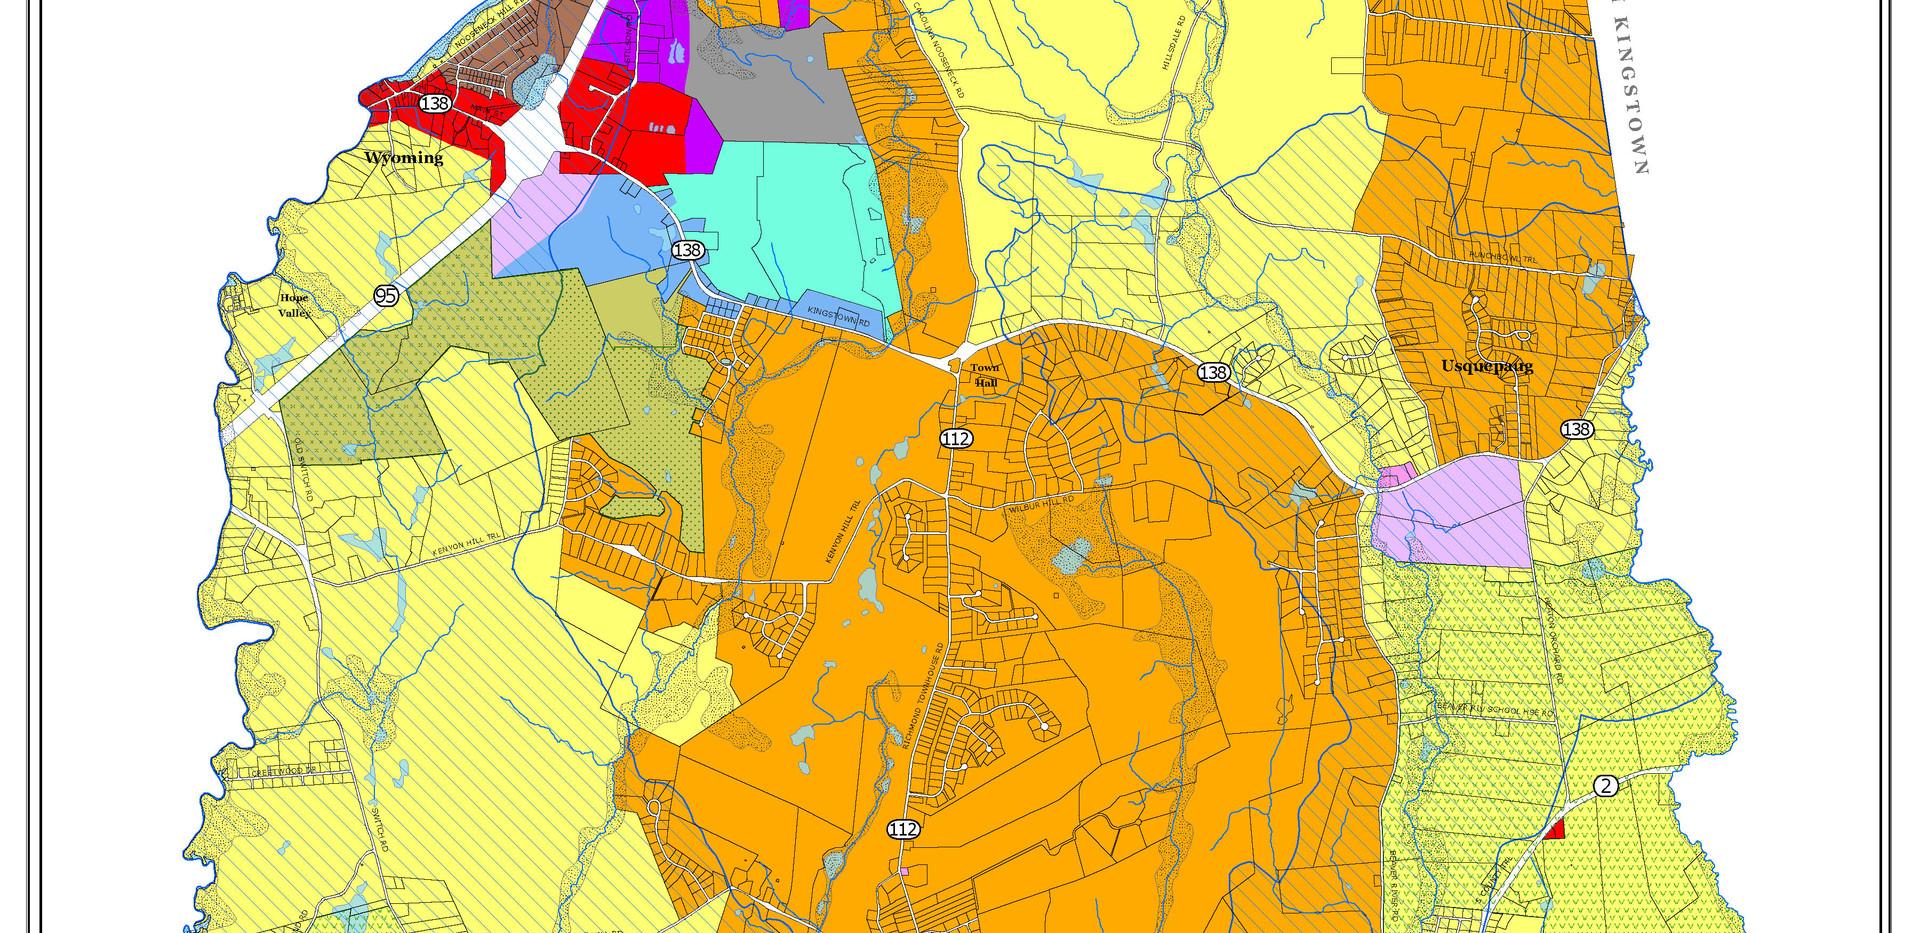 Richmond, RI. Zoning Map